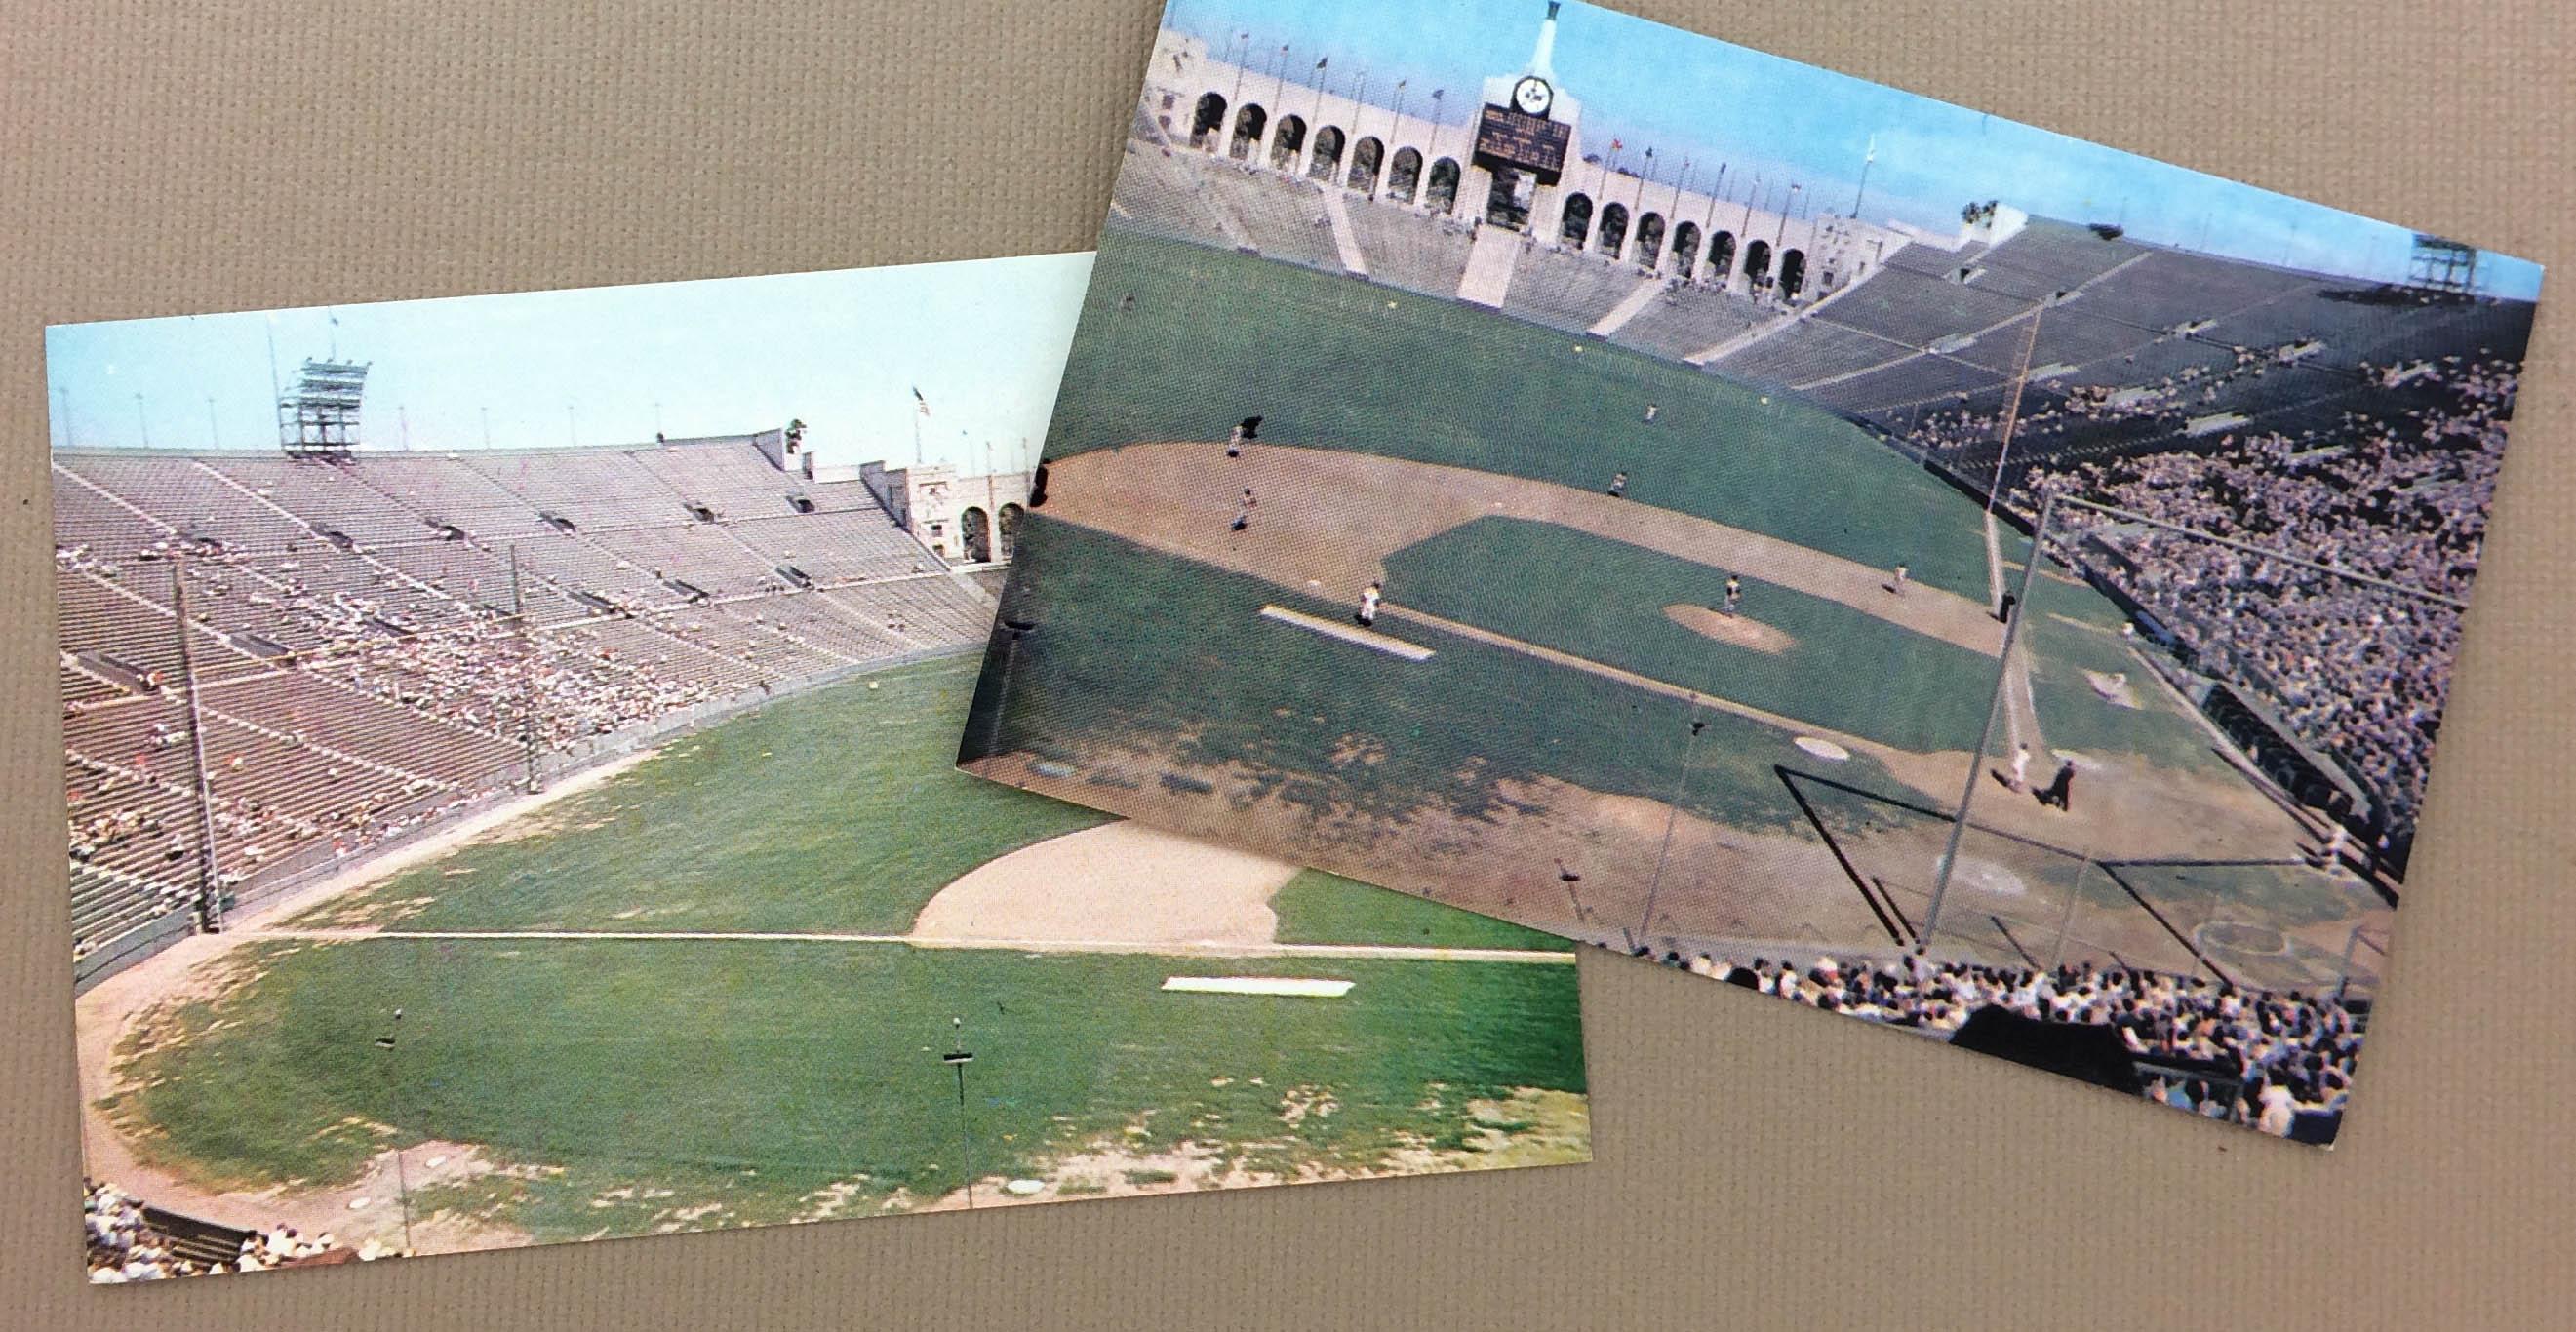 LA Coliseum Dodgers Postcard Set